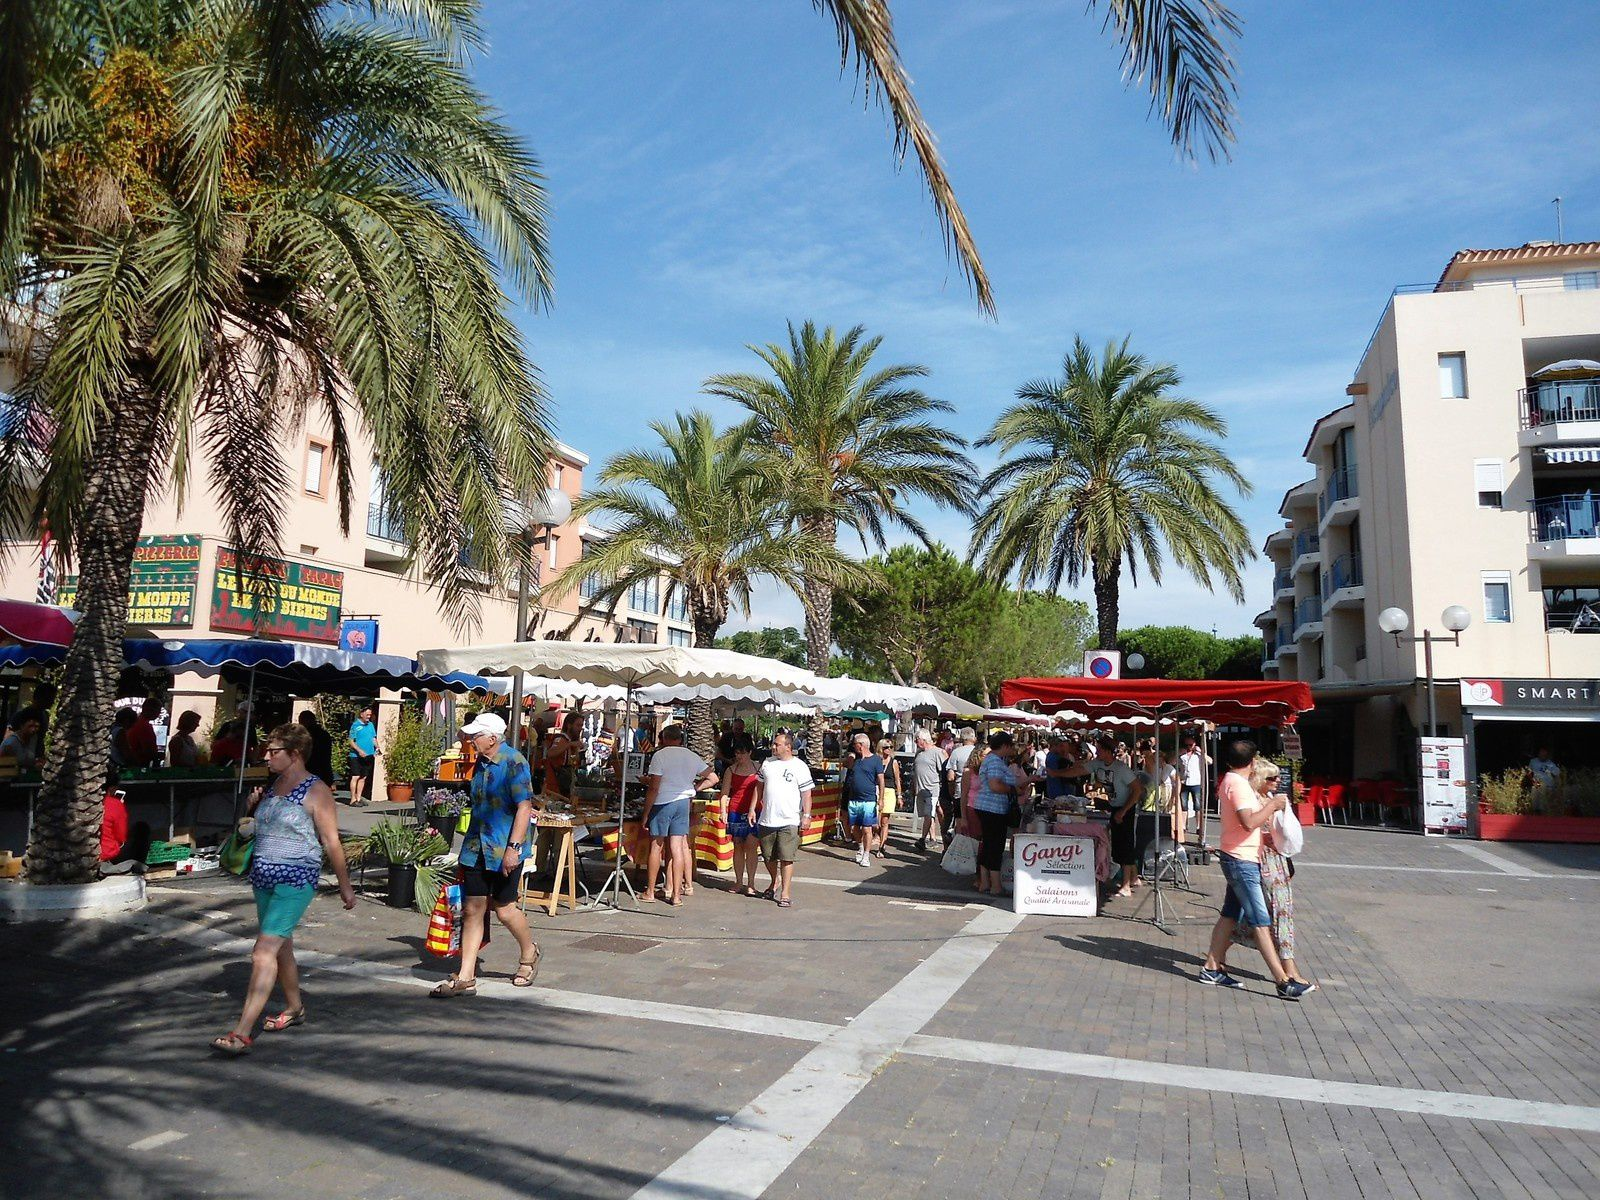 Tous les Mardis c'est un marché de bouche que l'on retrouve sur le port. Il est plus petit mais c'est un vrai régal pour le ventre avec les spécialités de la région.